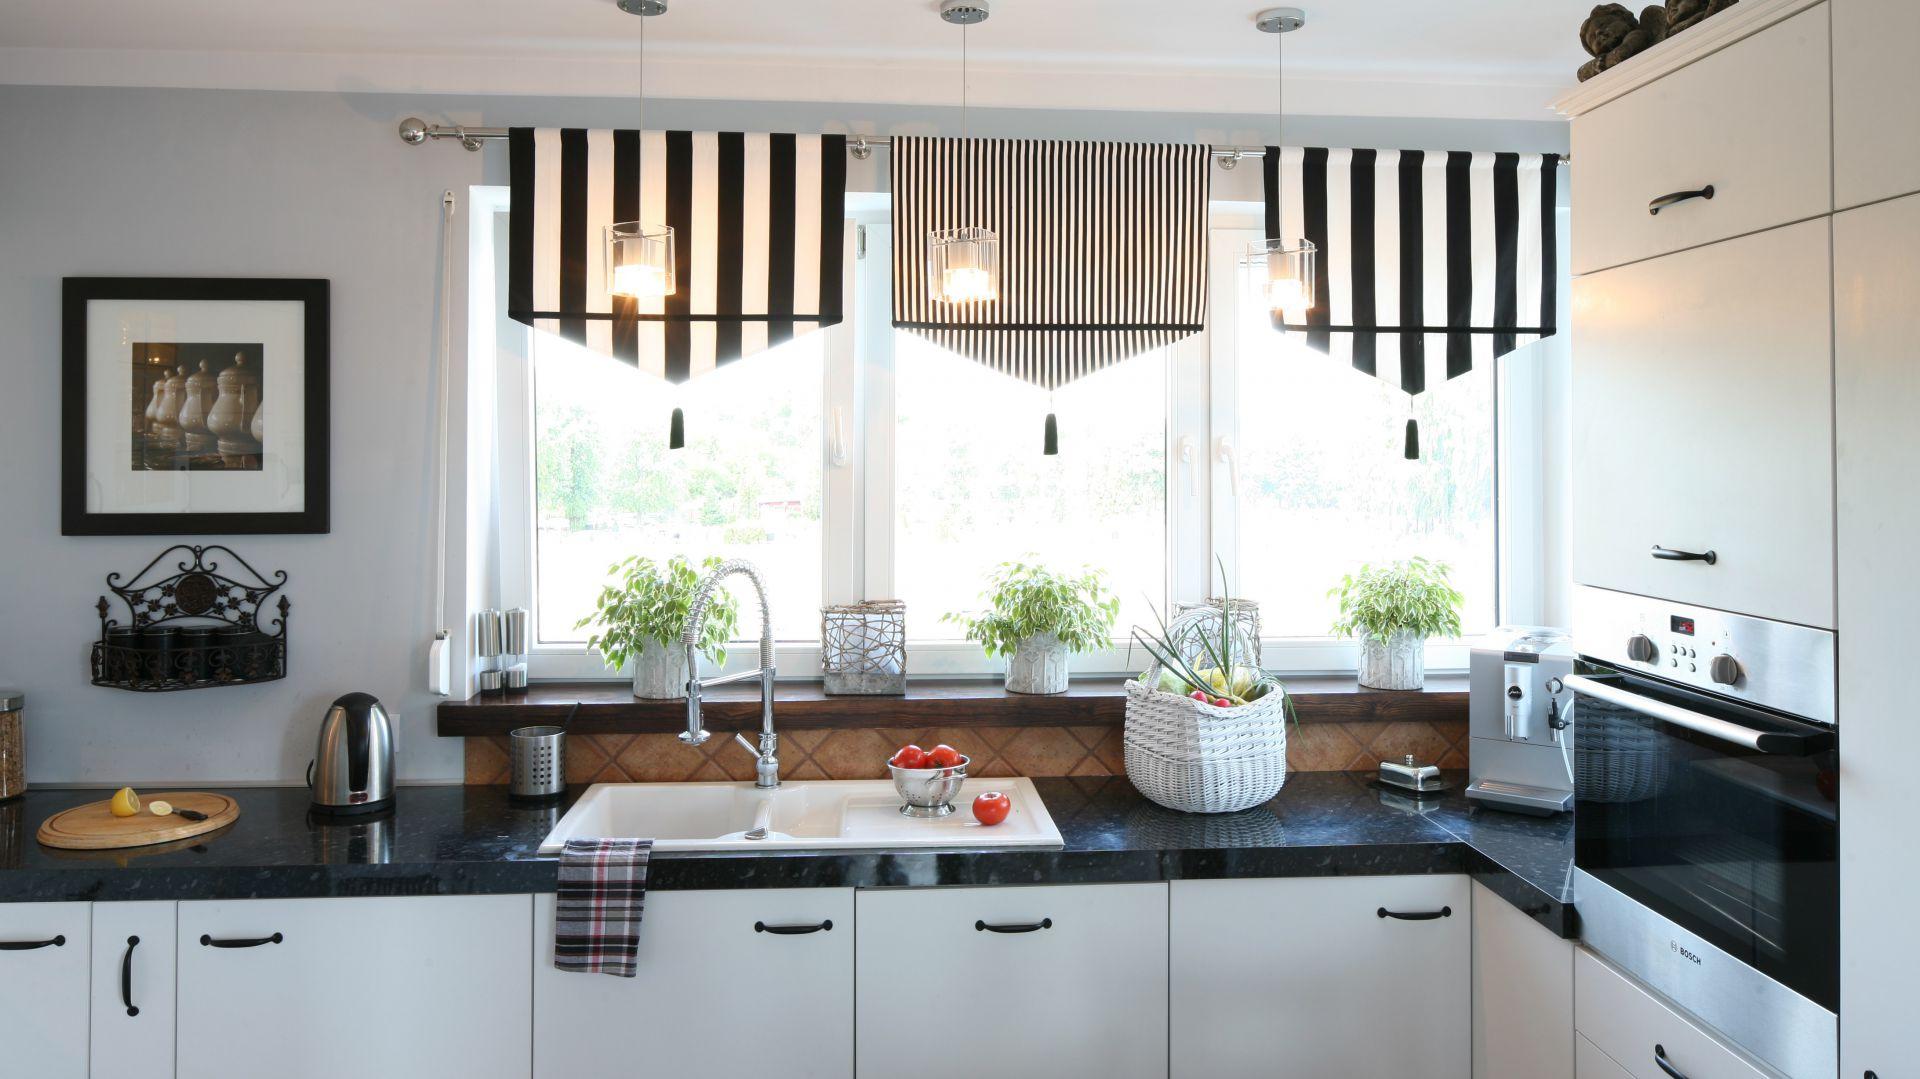 Okna ozdabiają lambrekiny uszyte z tkaniny IKEA. Ocieplają one białą przestrzeń, a ponieważ właścicielka jest ogromną fanką designu skandynawskiego, zdecydowała się na minimalistyczny, monochromatyczny i kontrastowy zestaw kolorów. Fot. Bartosz Jarosz.